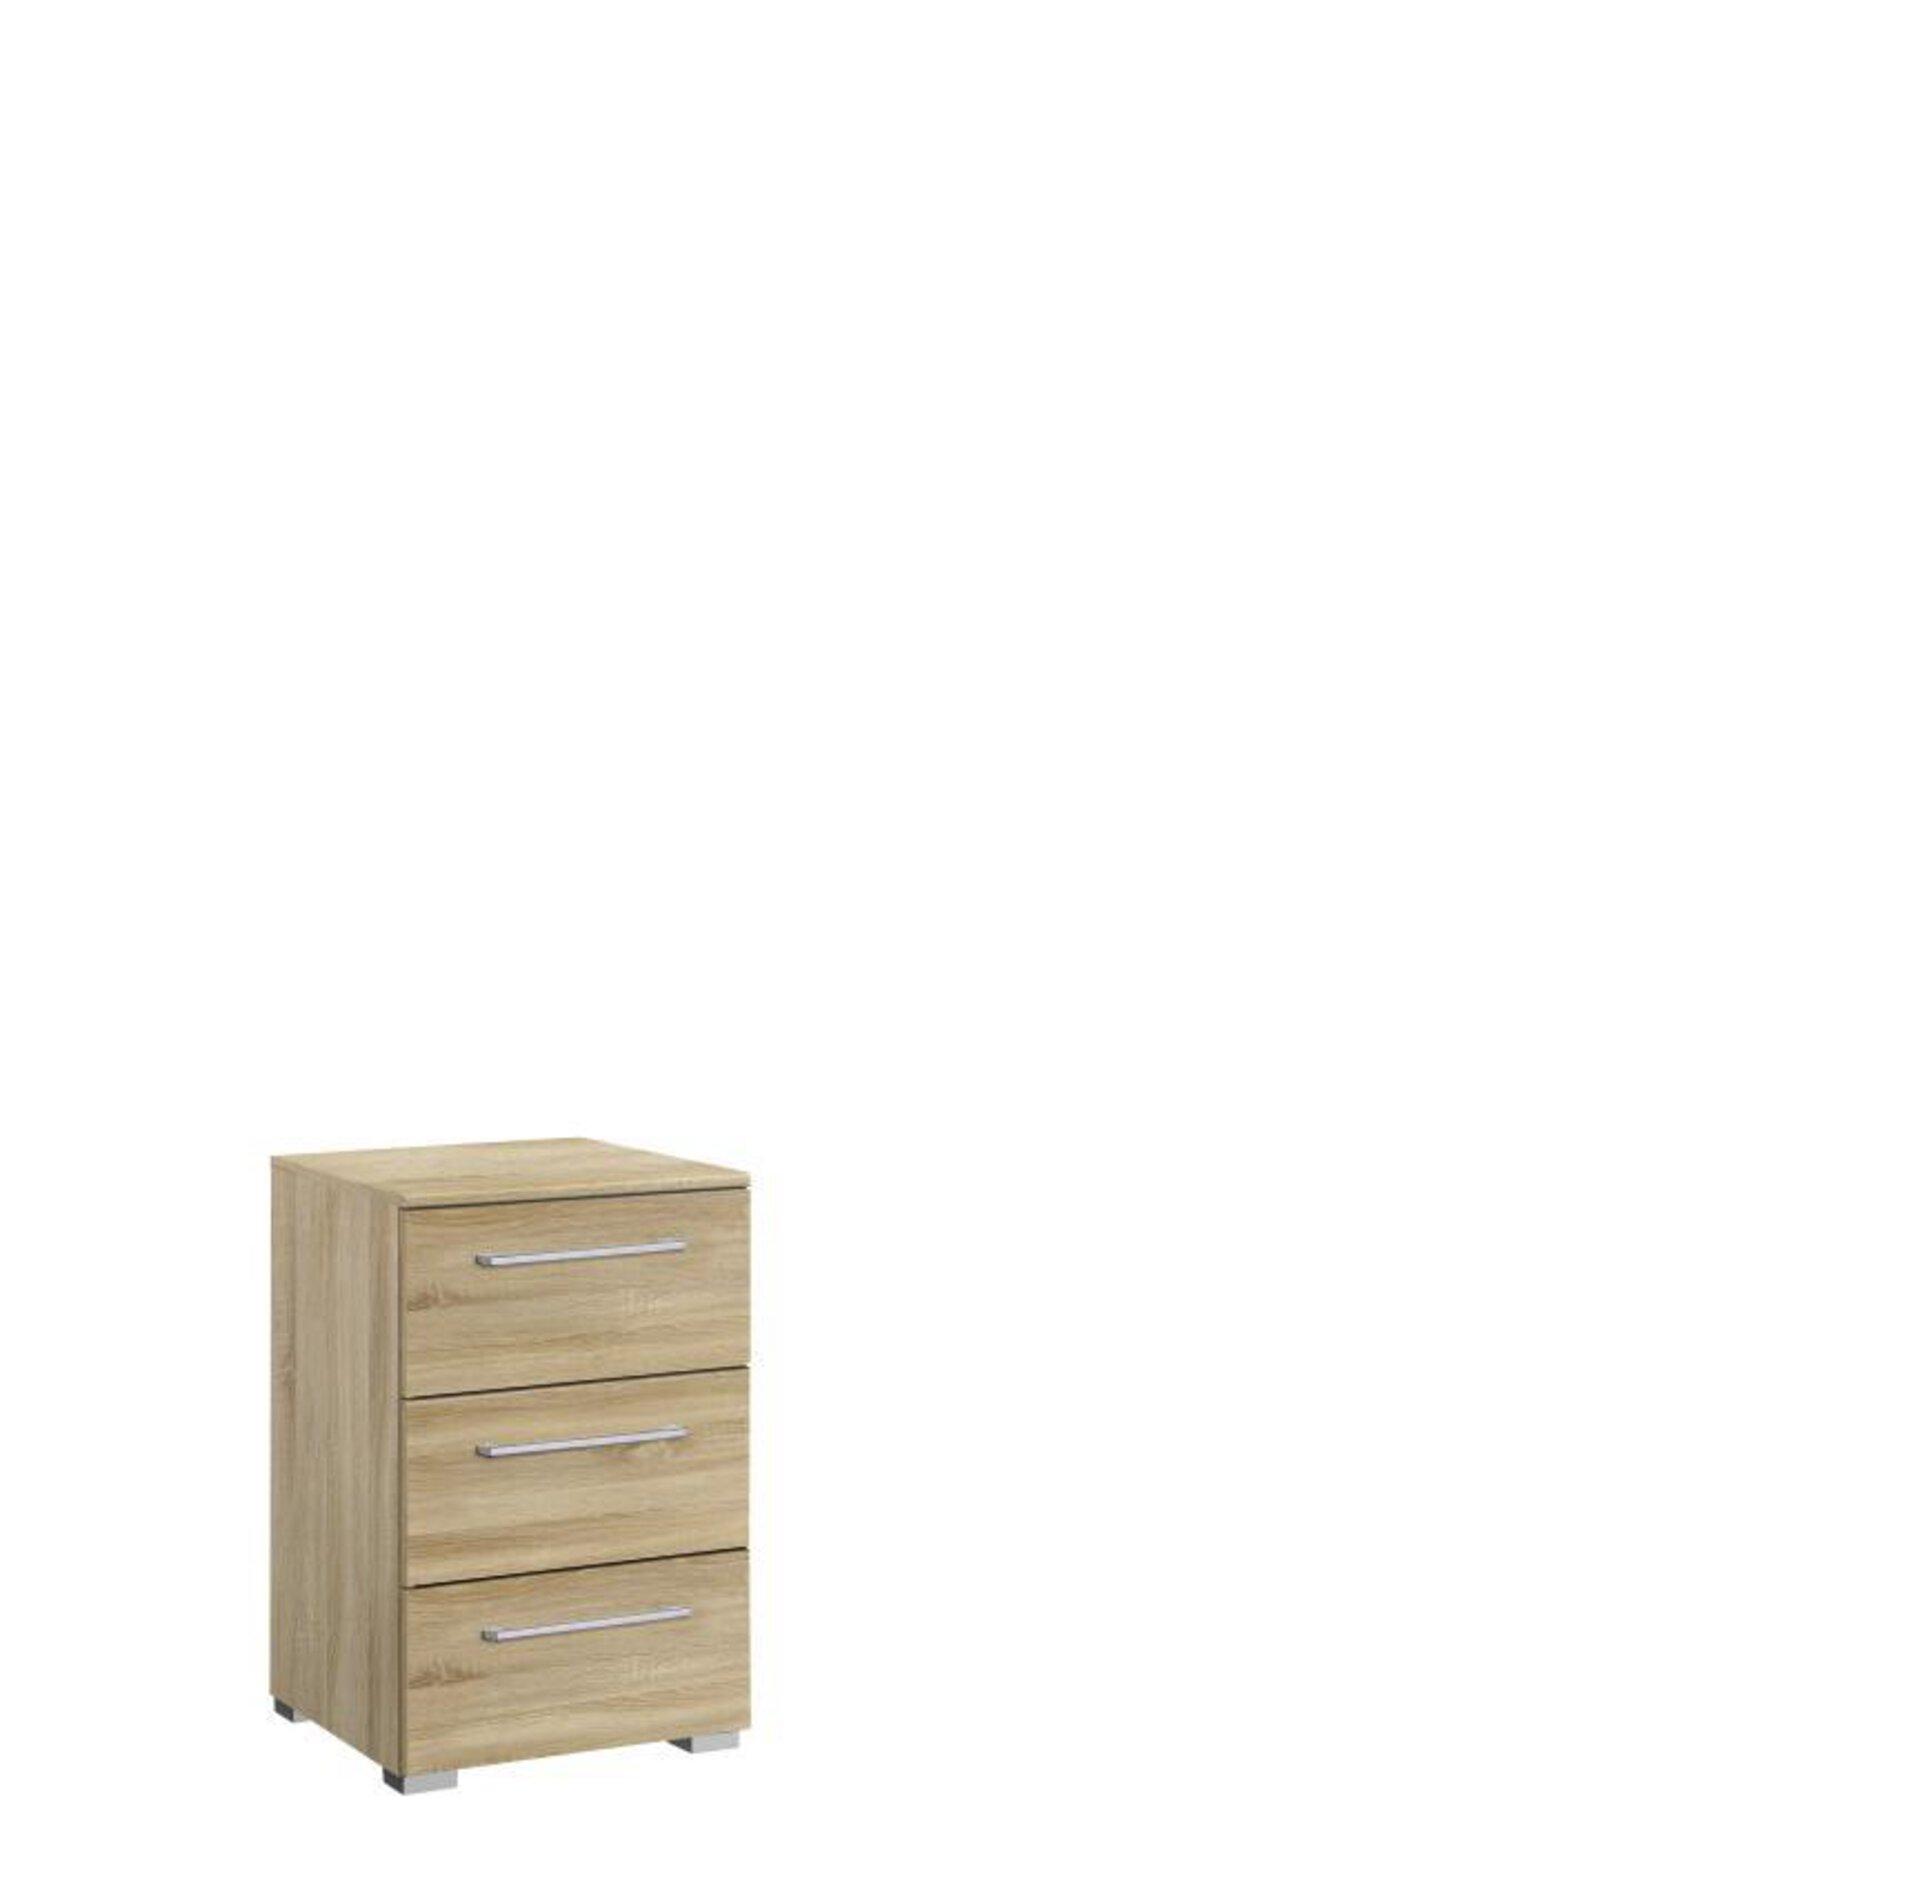 Nachttisch ALLSTARS Vito Holzwerkstoff braun 42 x 61 x 40 cm